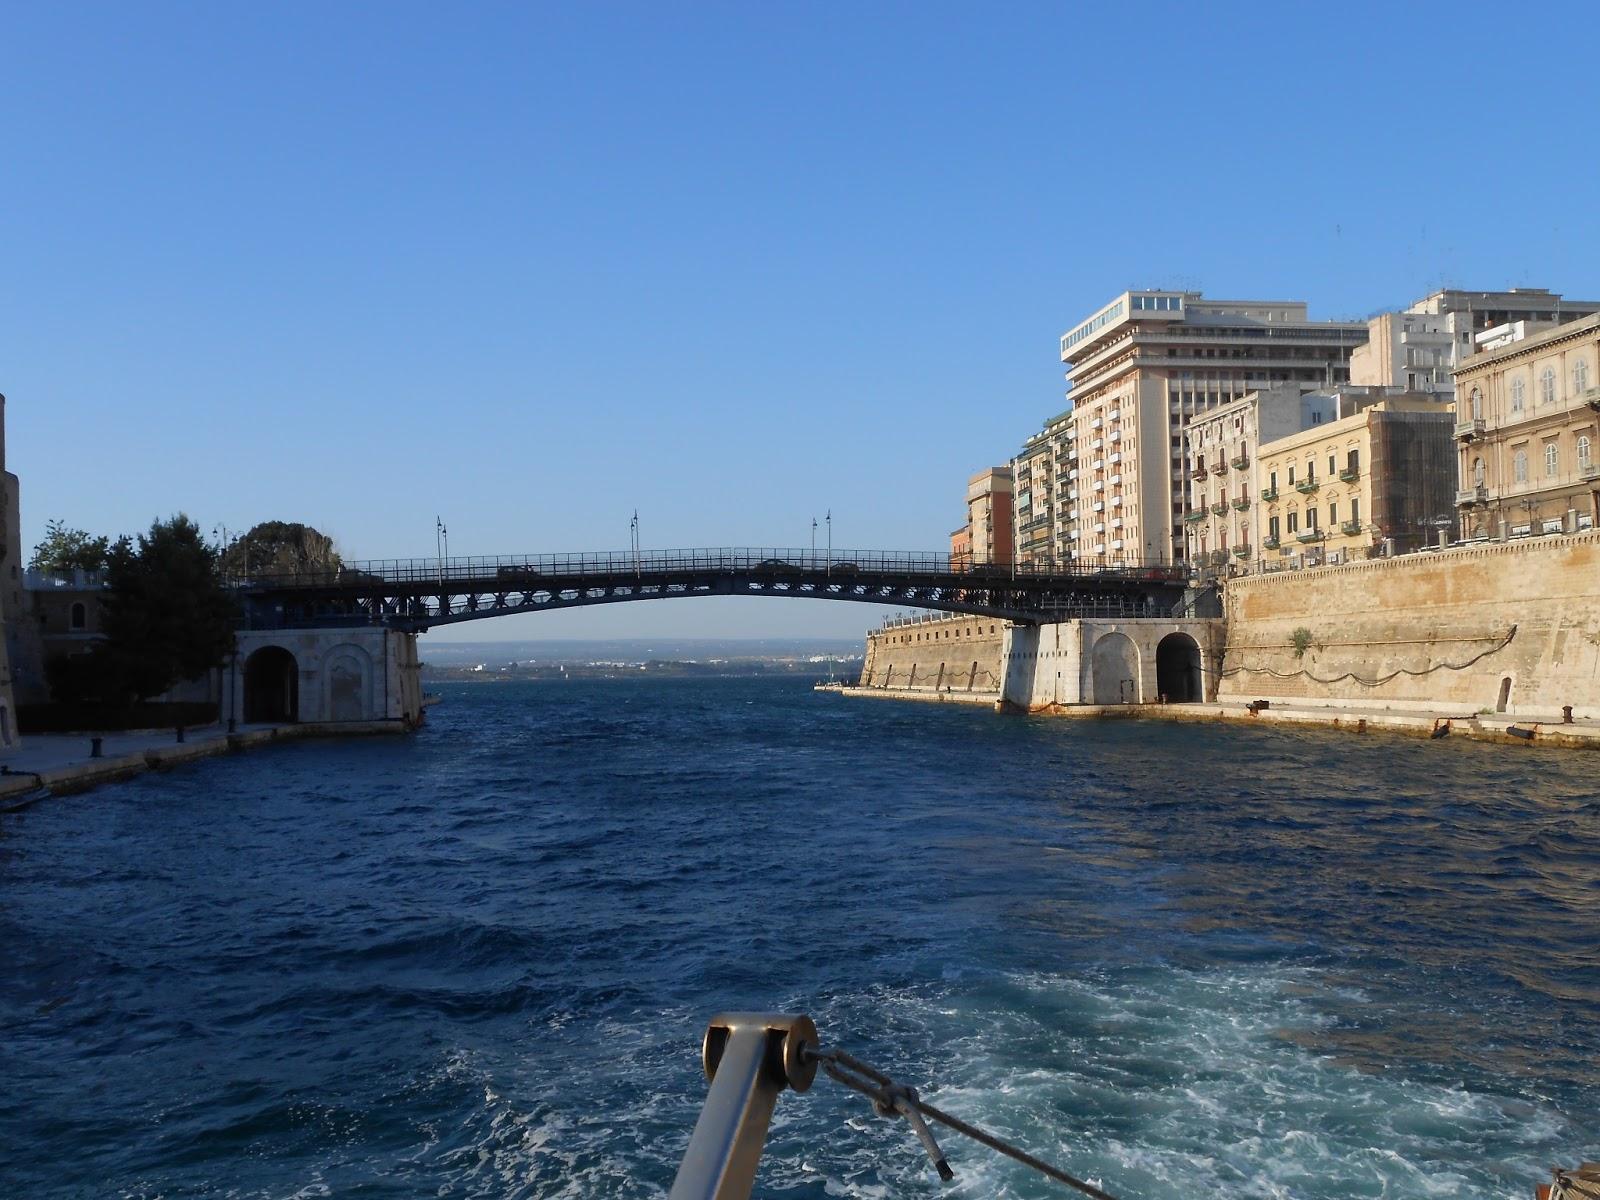 Le mie fotografie for Ponte delle cabine di rapsodia dei mari 2